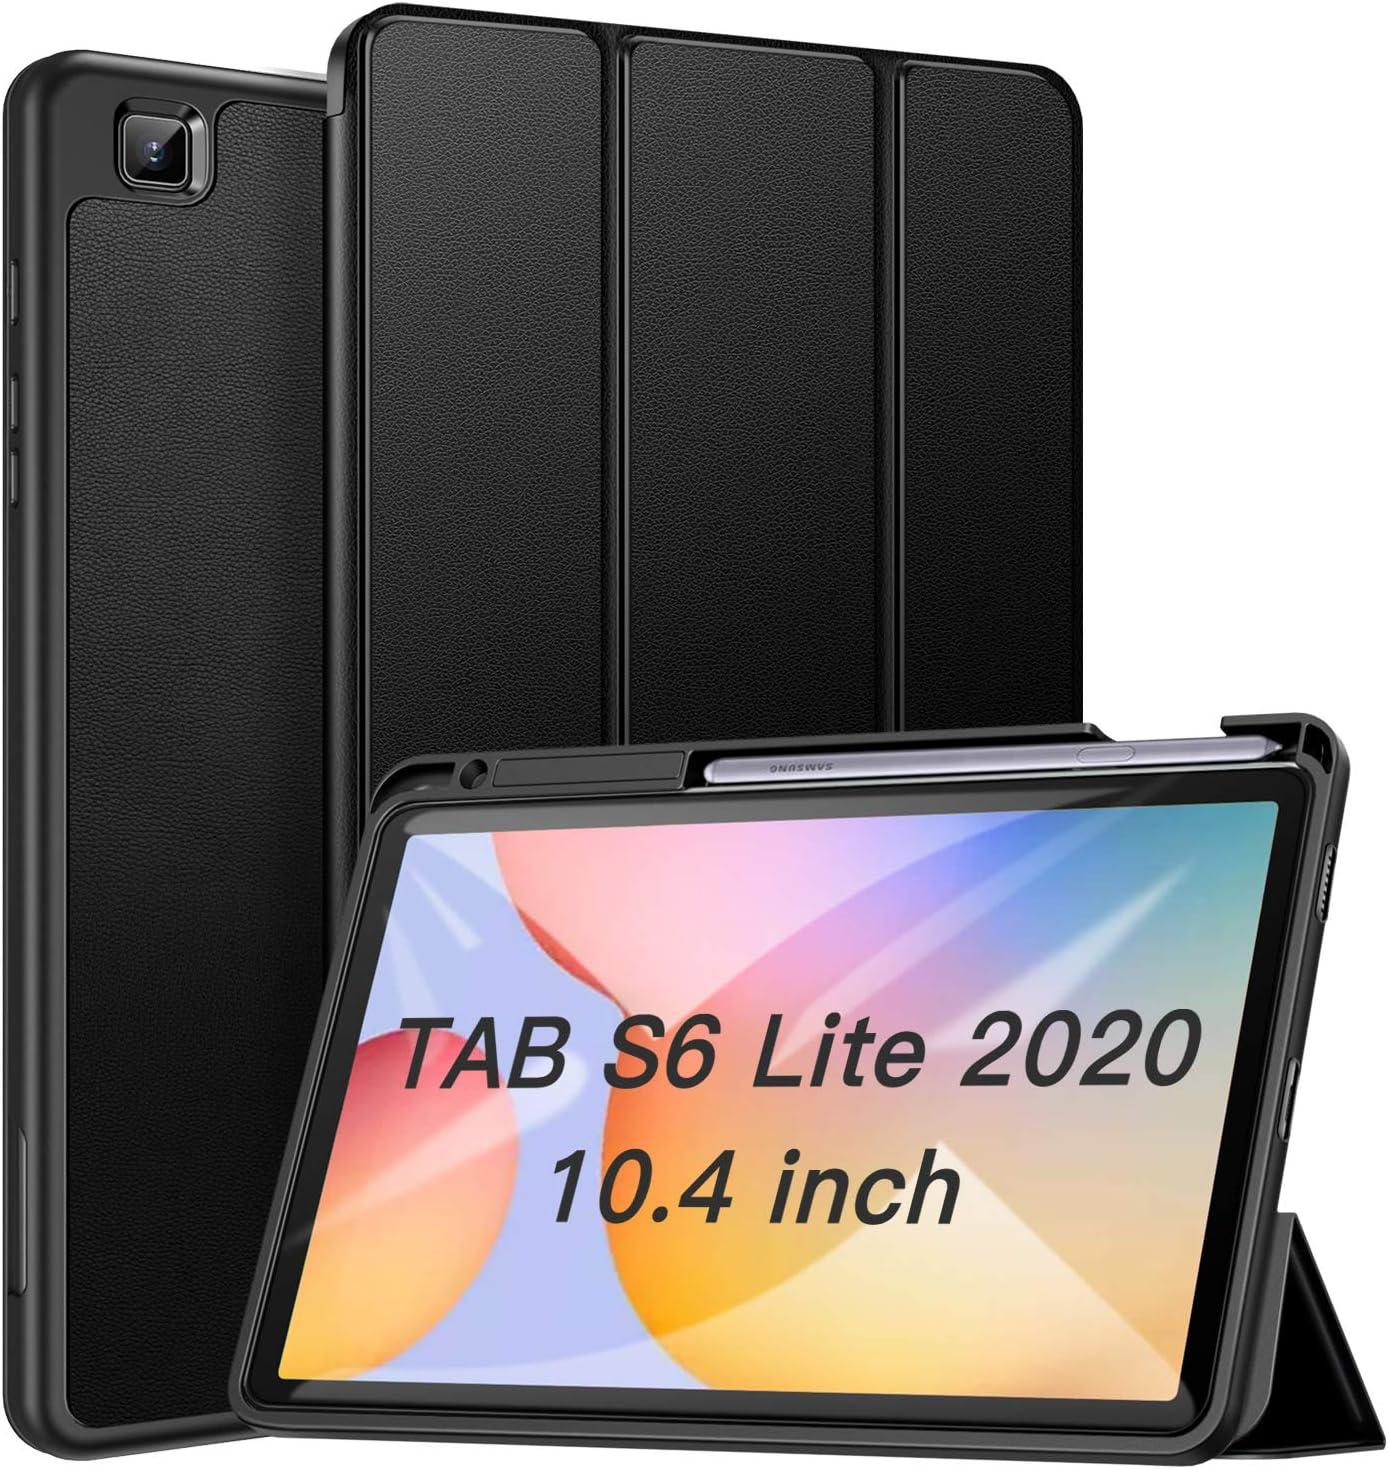 ZtotopCase Funda para Samsung Galaxy Tab S6 Lite 10.4 2020,Ultra Delgada Smart Cover Carcasa con Soporte Incorporado de Pencil,Auto Sueño/Estela Función, para Samsung Galaxy Tab S6 Lite 2020, Negro